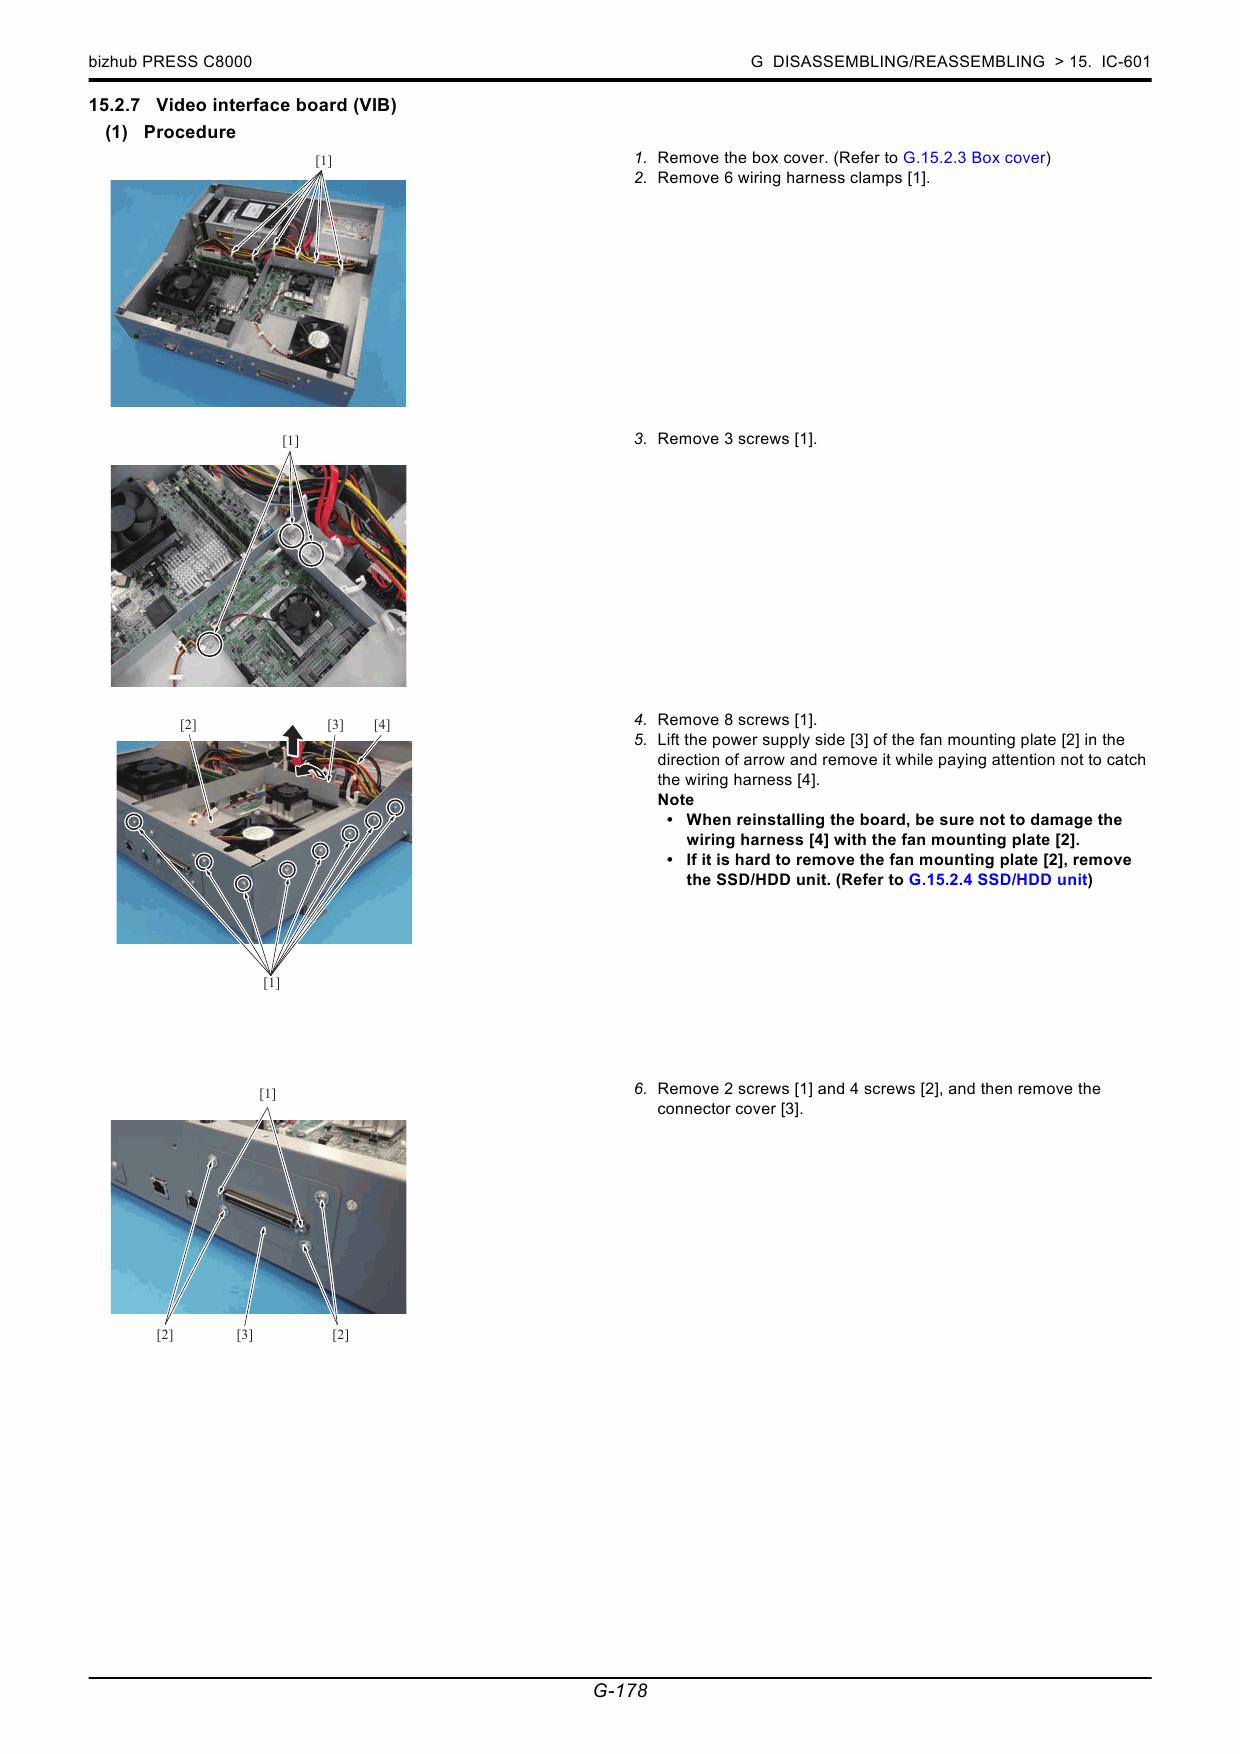 konica minolta bizhub service manual